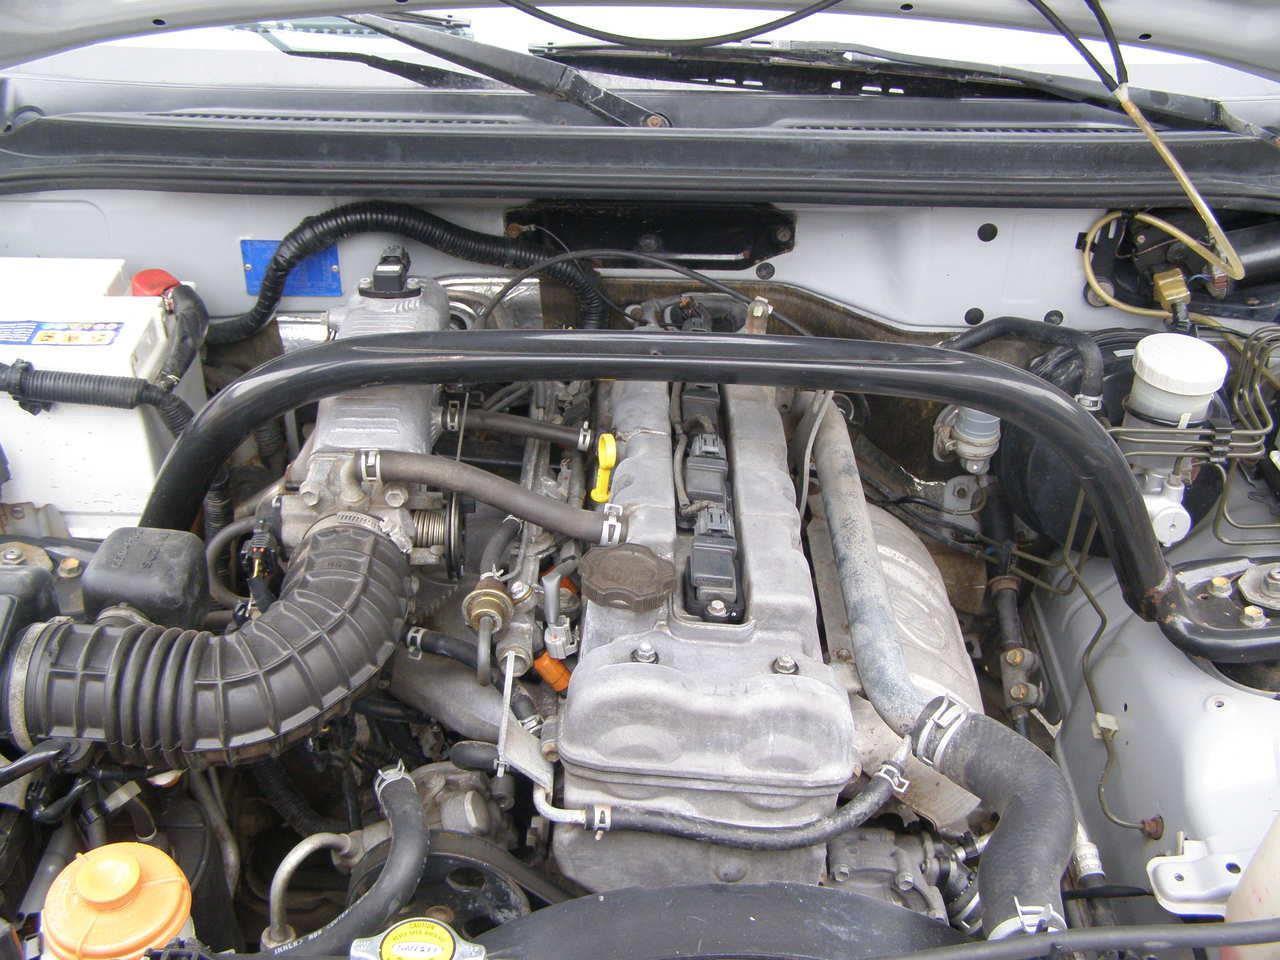 Suzuki Grand Vitara A B Orig on 2001 Suzuki Vitara Problems